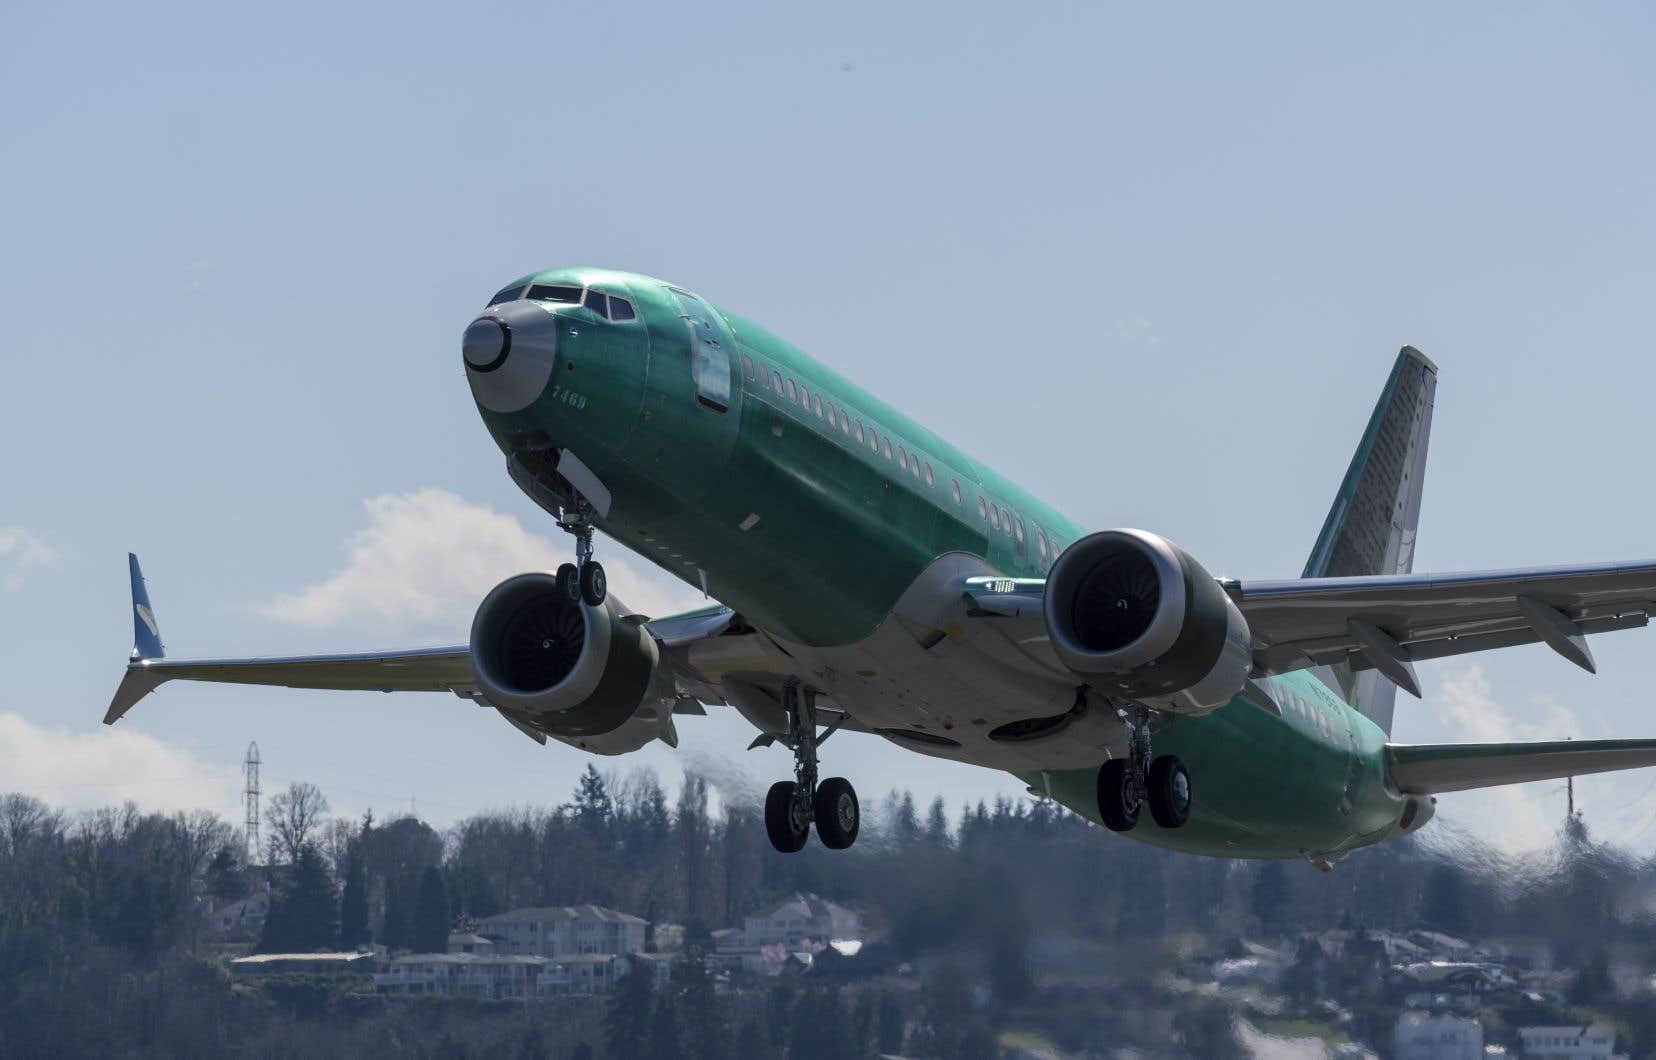 Des experts estiment que le système de stabilisation MCAS, qui mesure l'angle d'attaque, a contribué aux tragédies d'Ethiopian Airlines et de Lion Air.